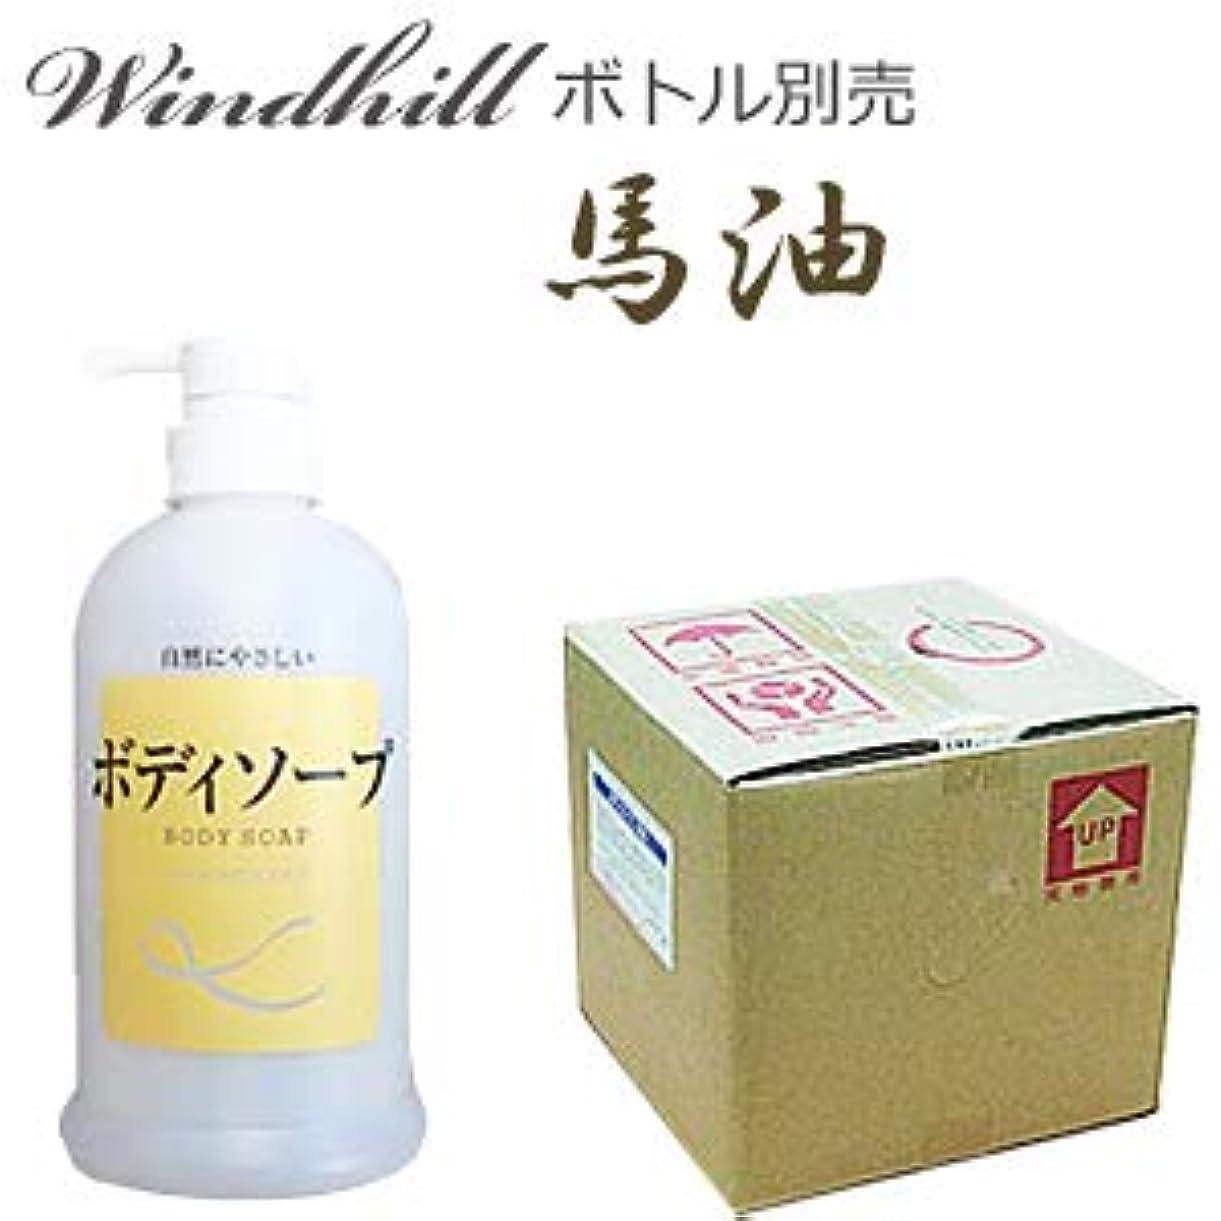 辞任するコインランドリーハンマーなんと! 500ml当り190円 Windhill 馬油 業務用 ボディソープ   フローラルの香り 20L